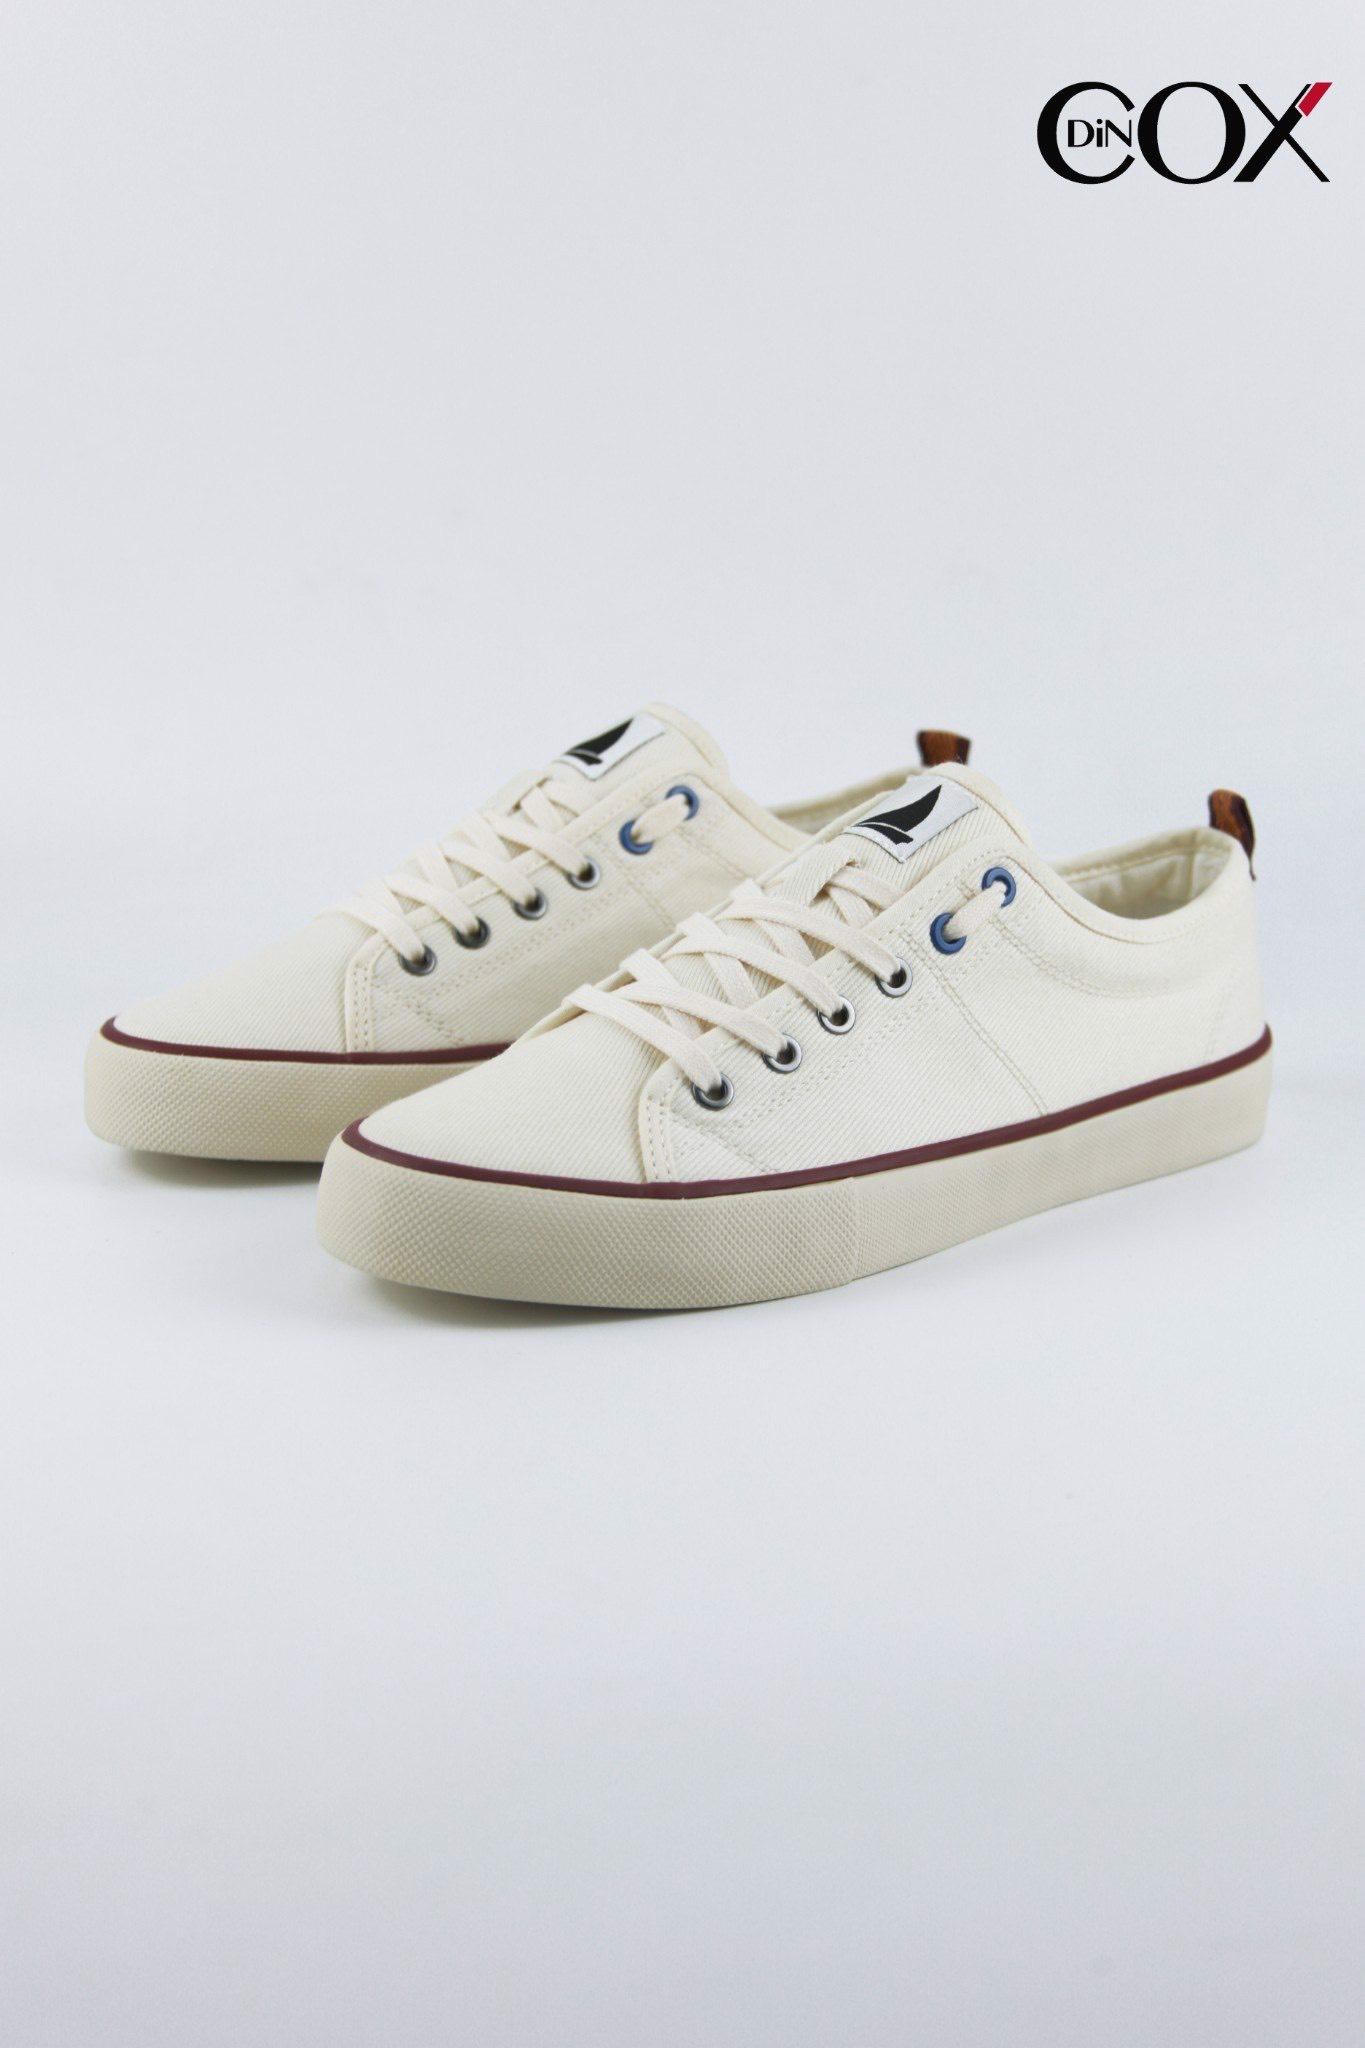 dincox1940-white